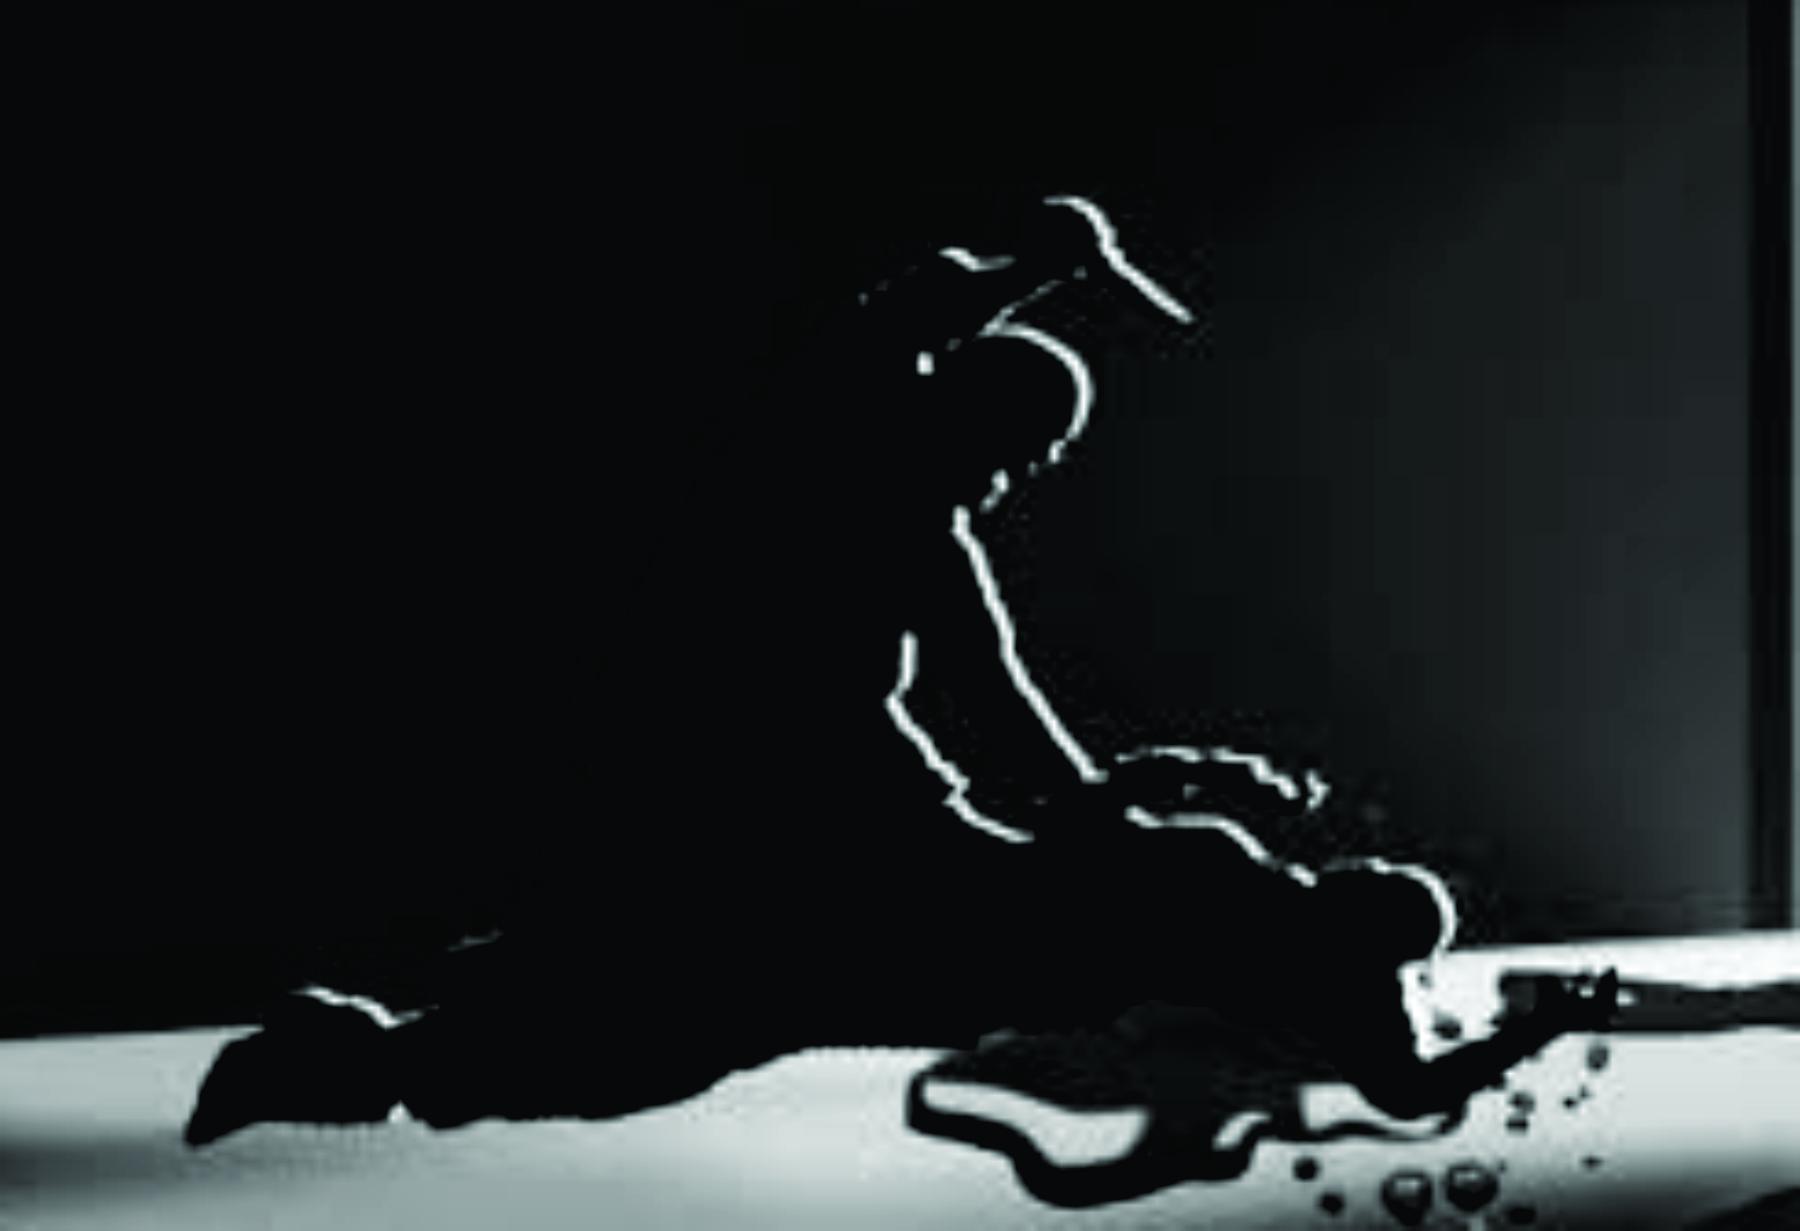 फाकफोकथुमको लुम्देमा एक दम्पती मृत अवस्थामा भेटिए